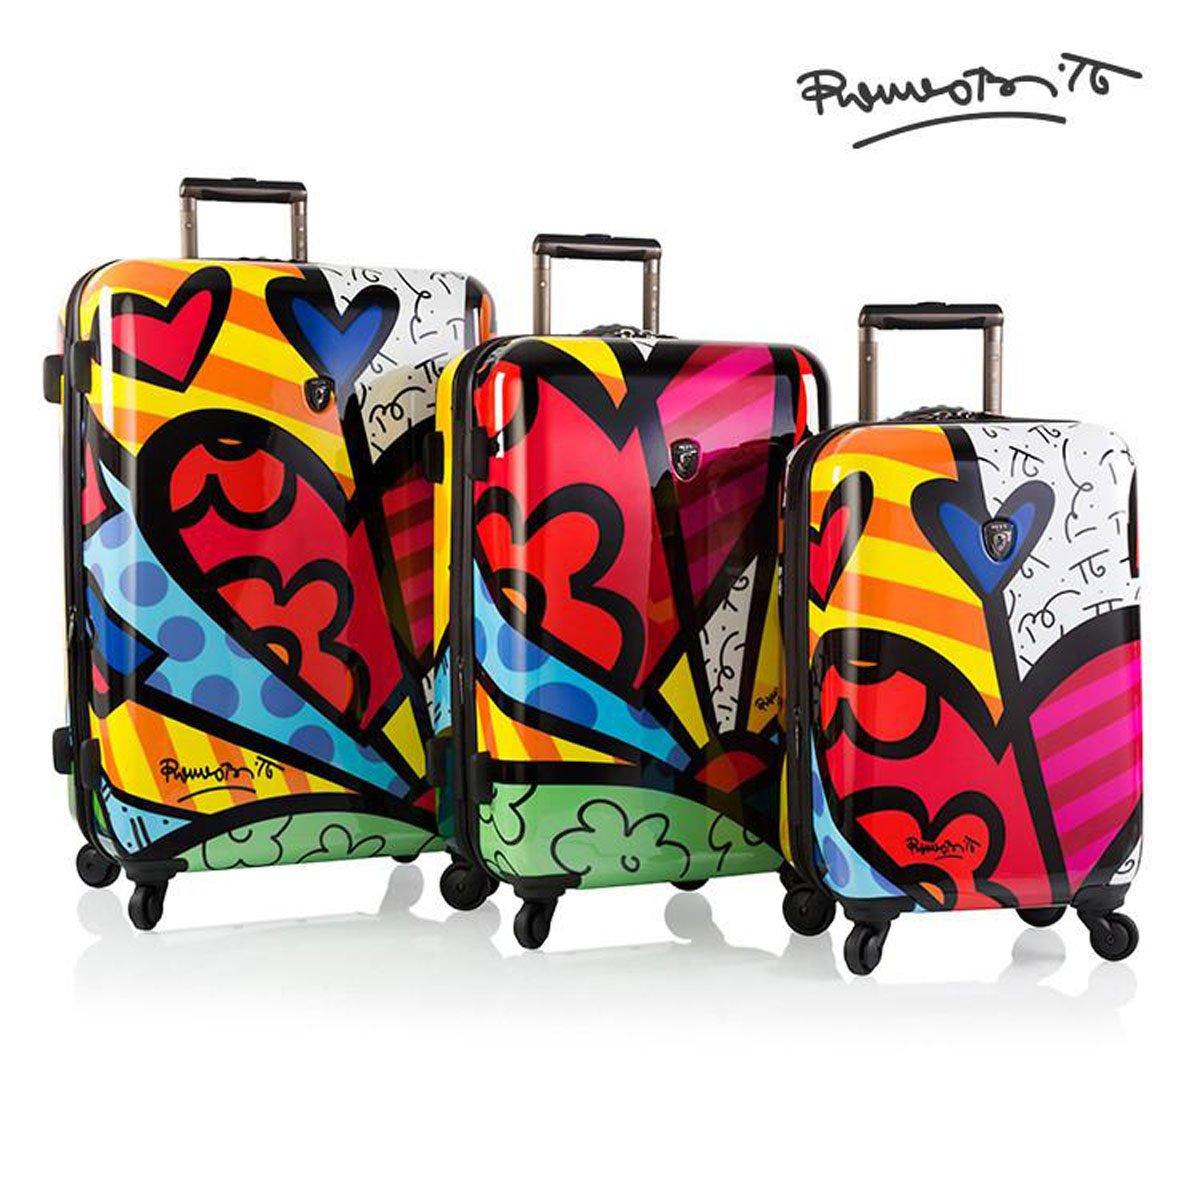 Romero Britto Brito Heys 4 Piece Luggage Set (A New Day)